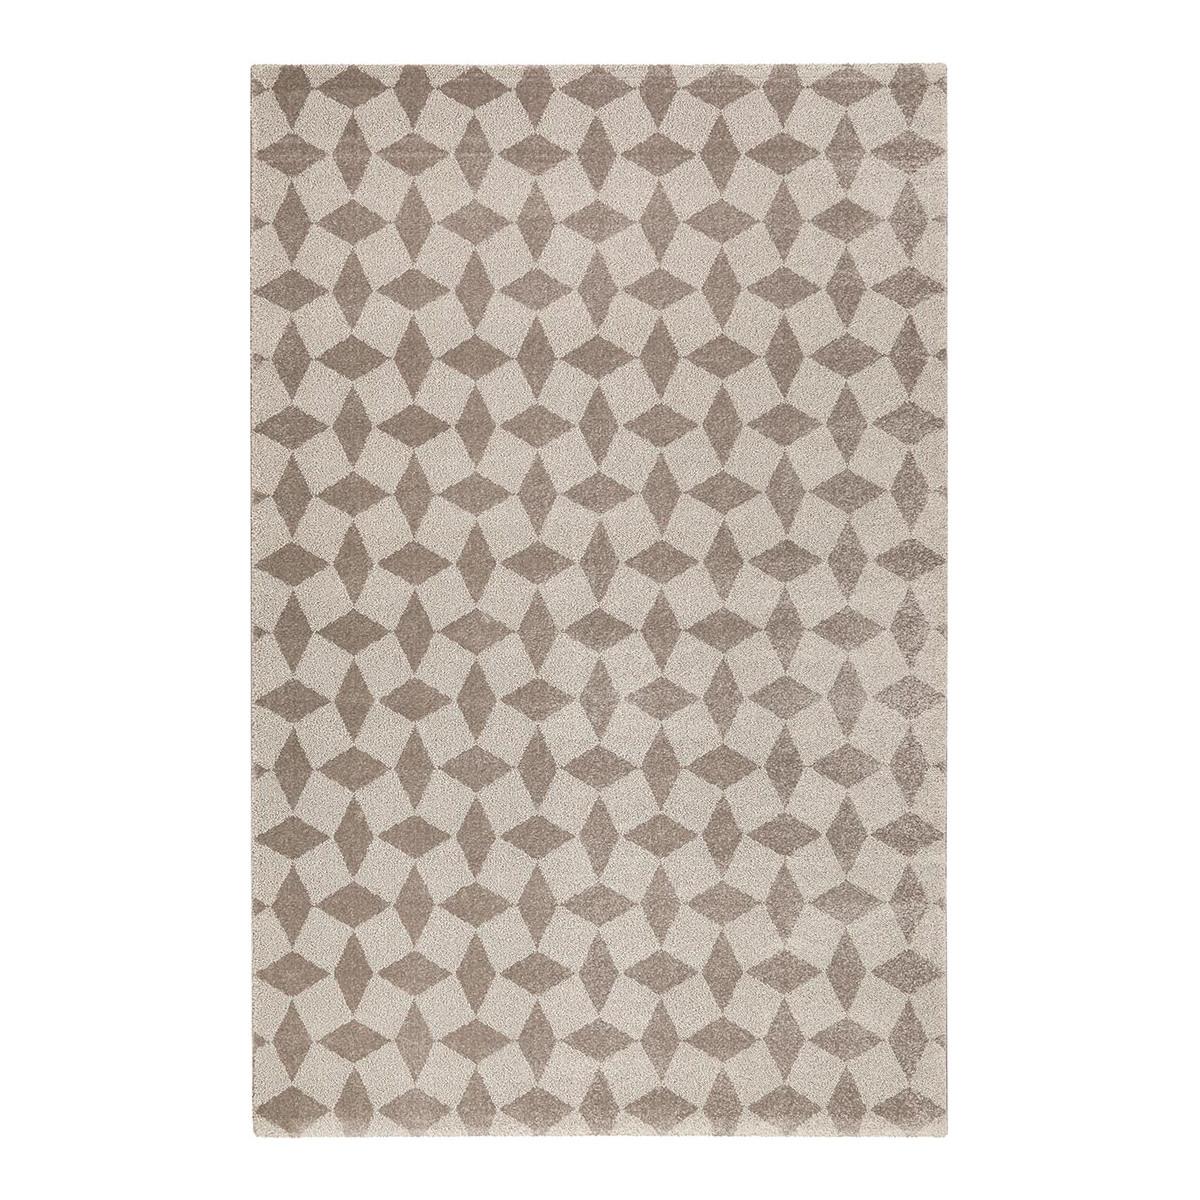 Tapis géométrique scandinave en polypropylène gris 120x170